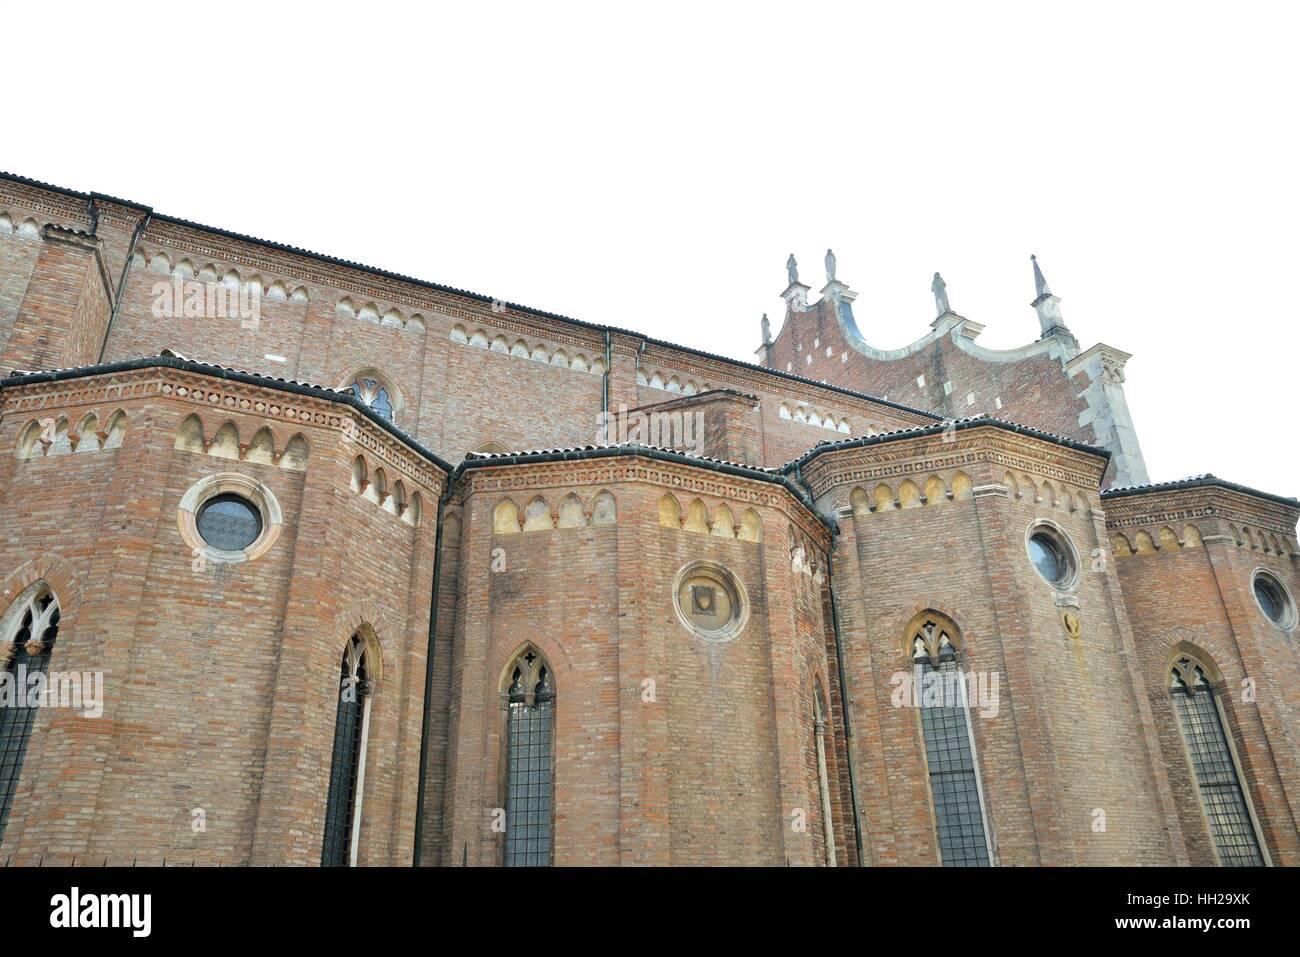 Santa Maria Annunciata Cathedral, lateral view (Vicenza) - Stock Image